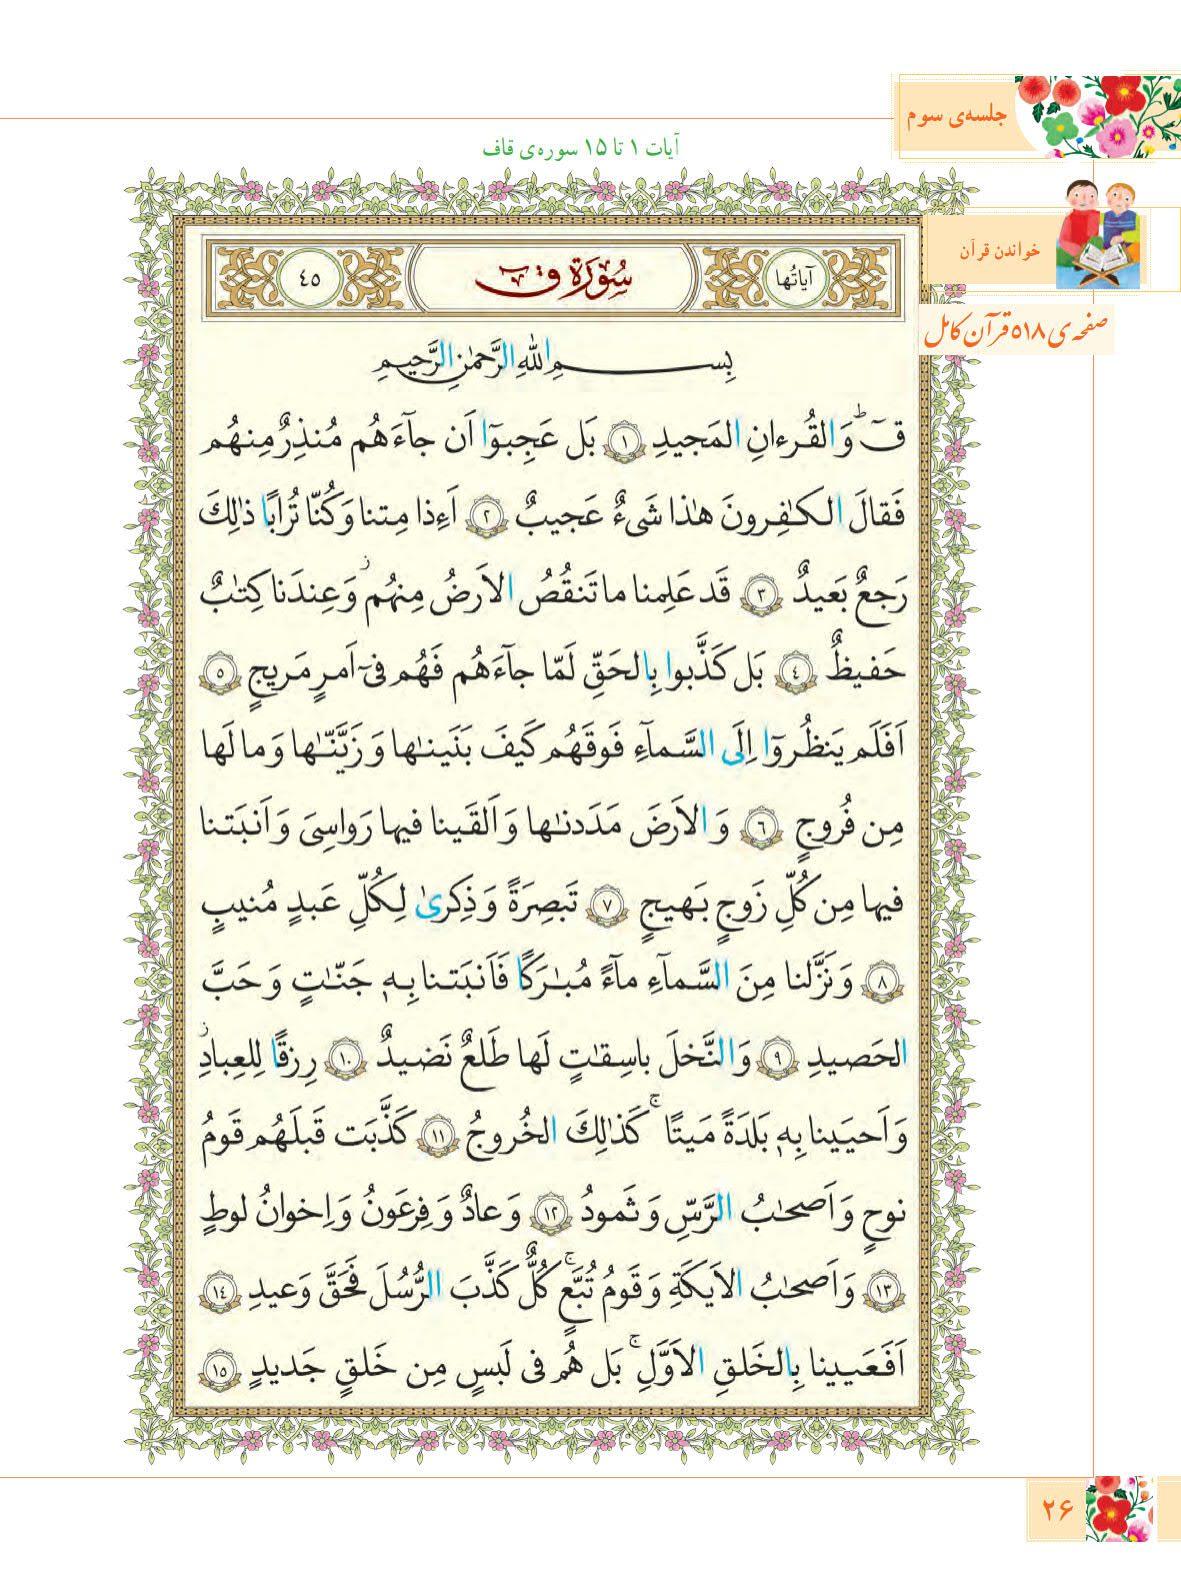 درس چهارم آموزش قرآن پایه ششم ابتدایی - کلاس اینترنتی ما - مومکا - صفحه 26 - momeka.ir (1)